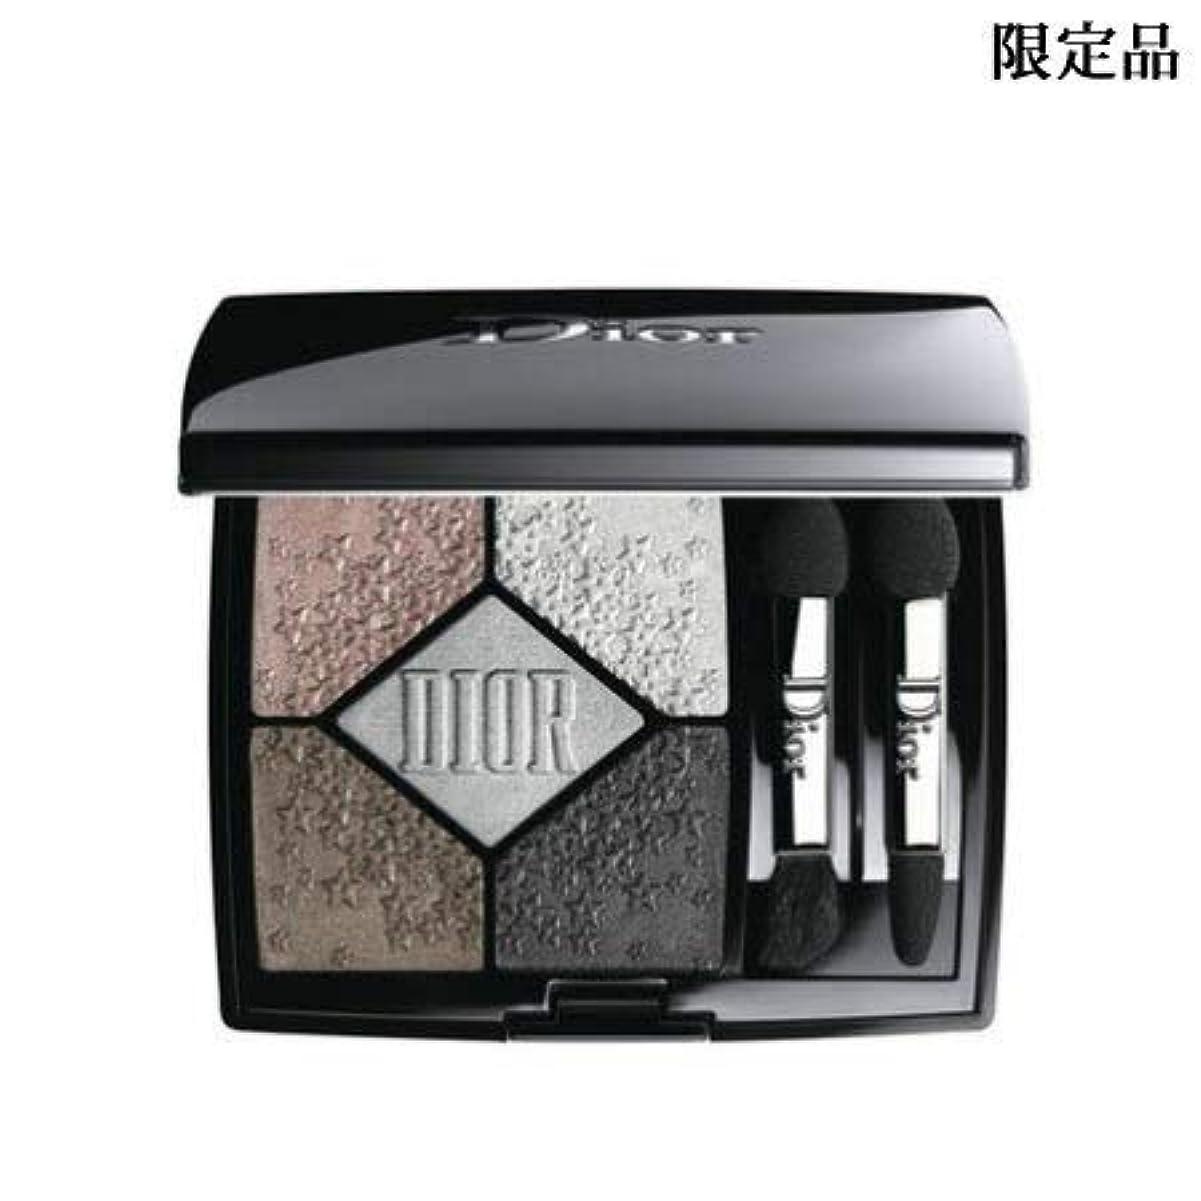 額たらい技術ディオール サンク クルール #057 ムーンライト 限定色 -Dior-